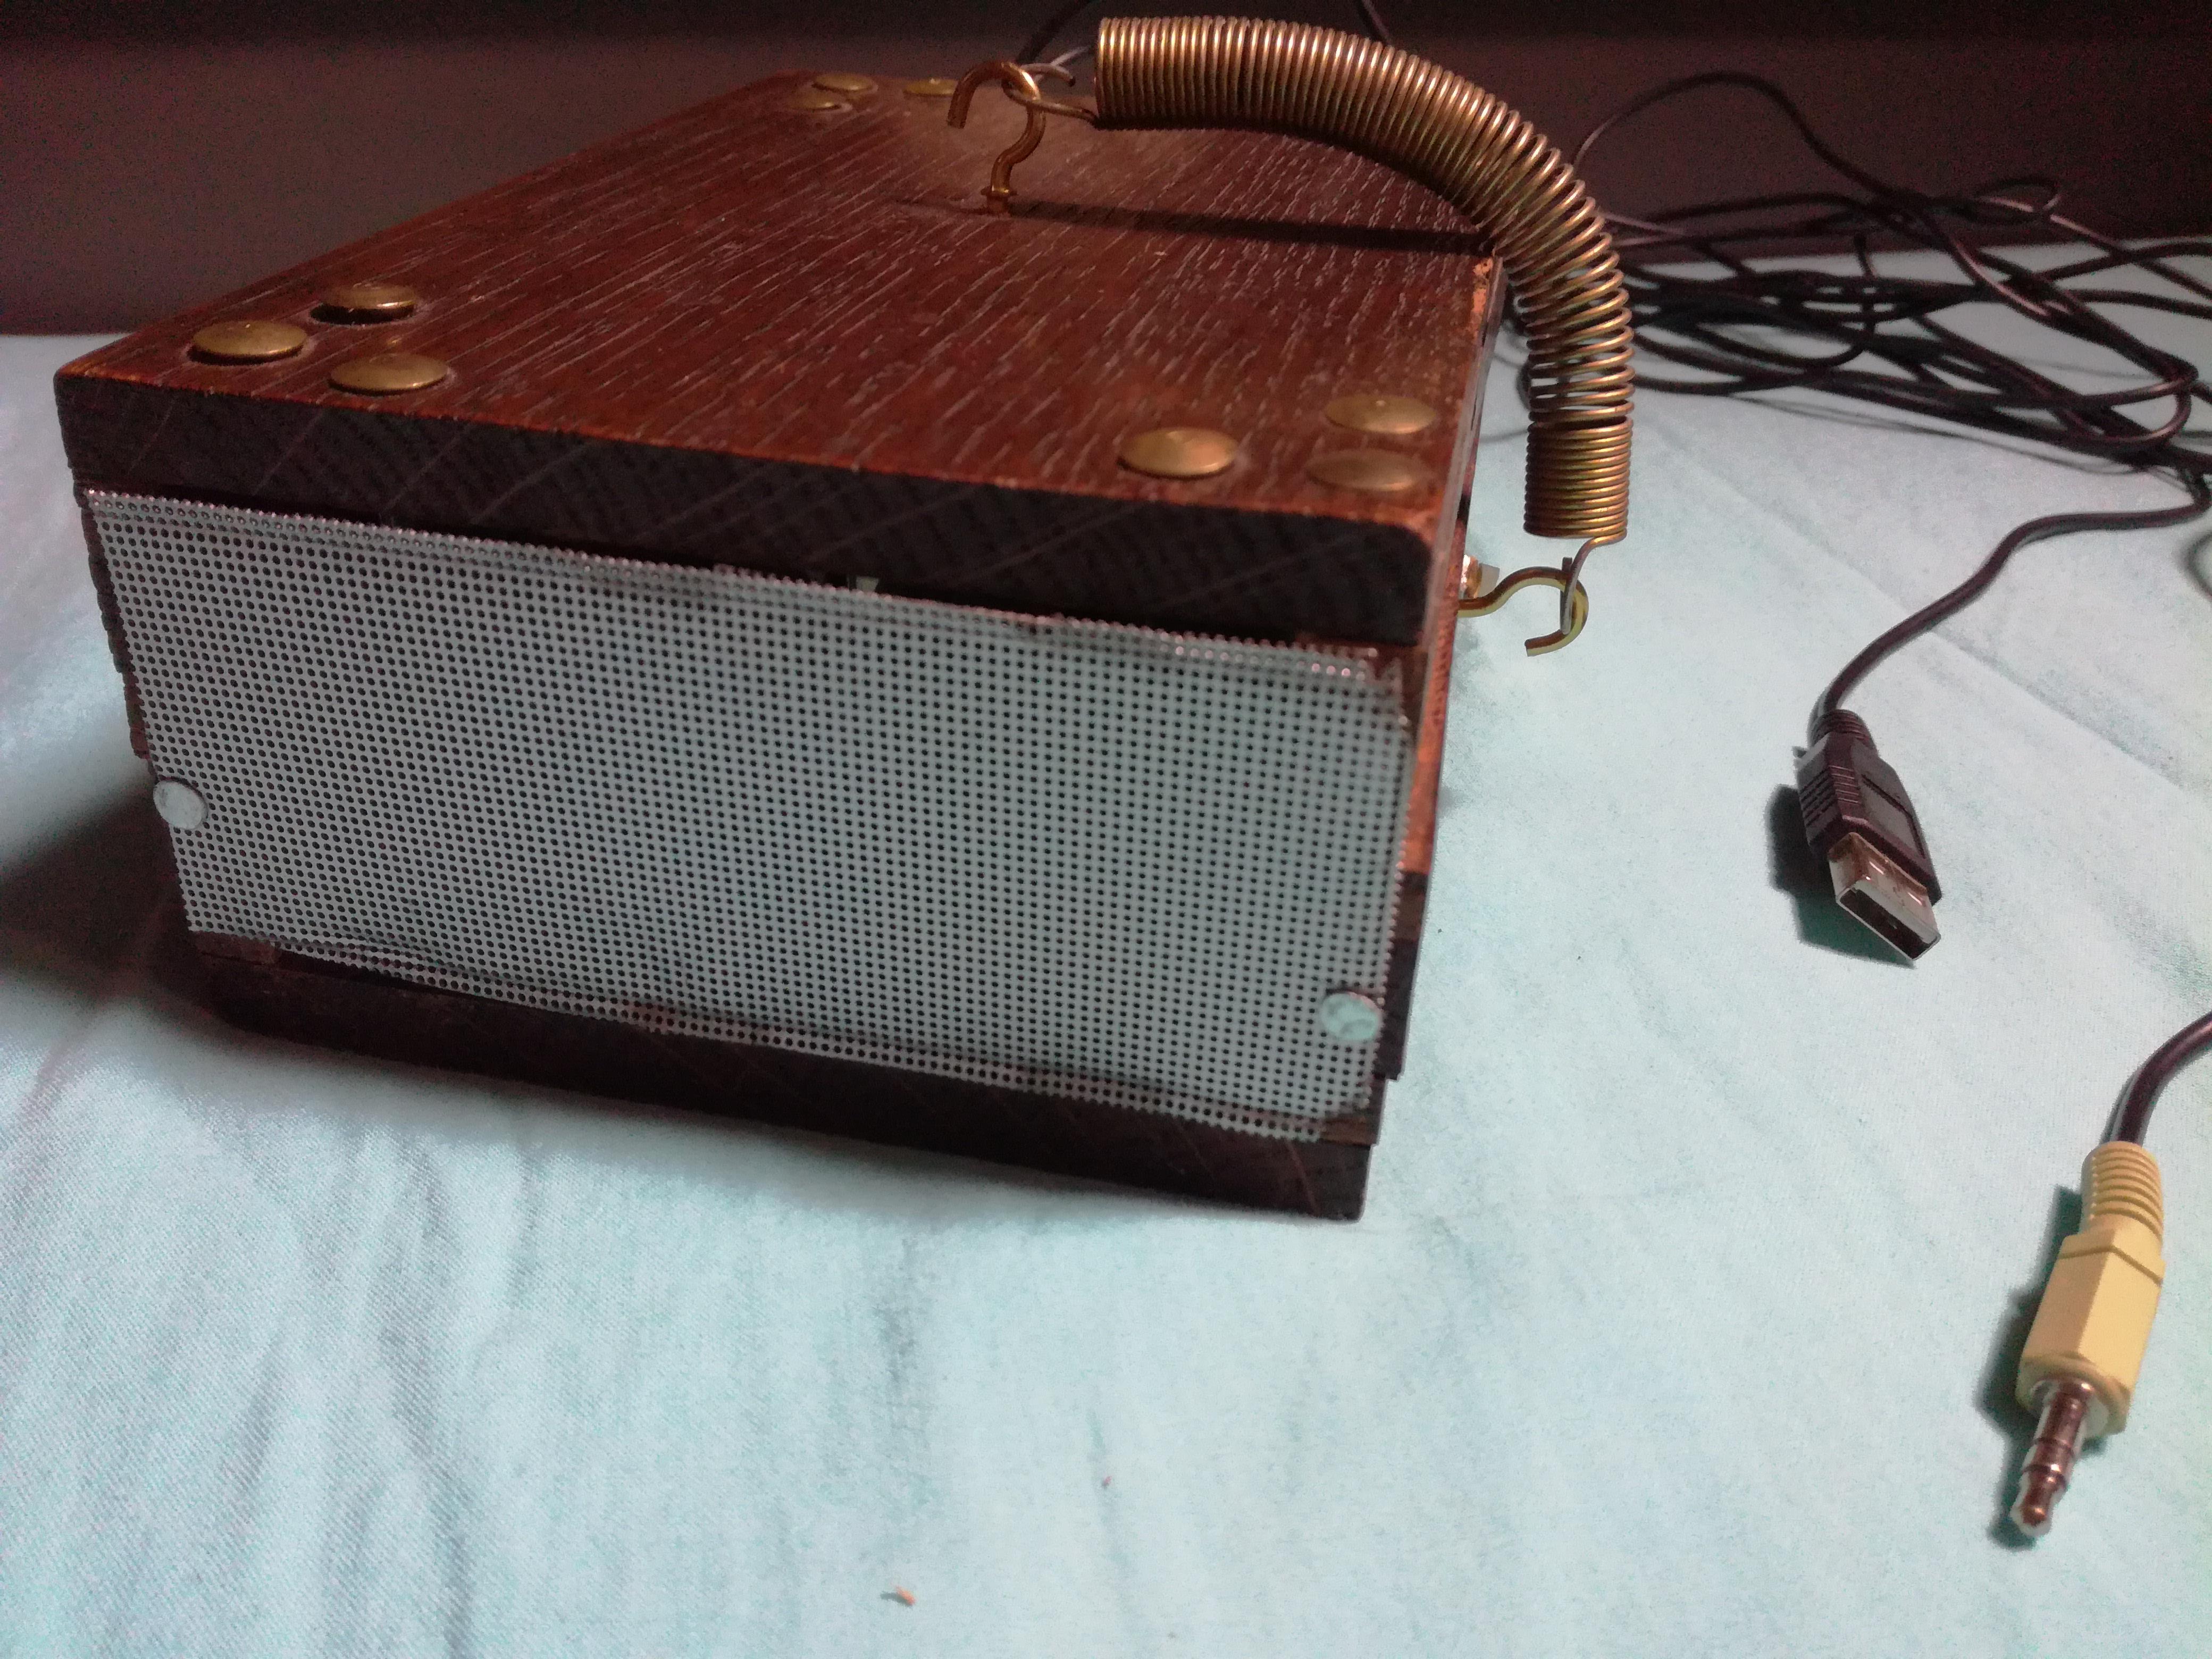 Picture of Retro Noise-o-box Speaker